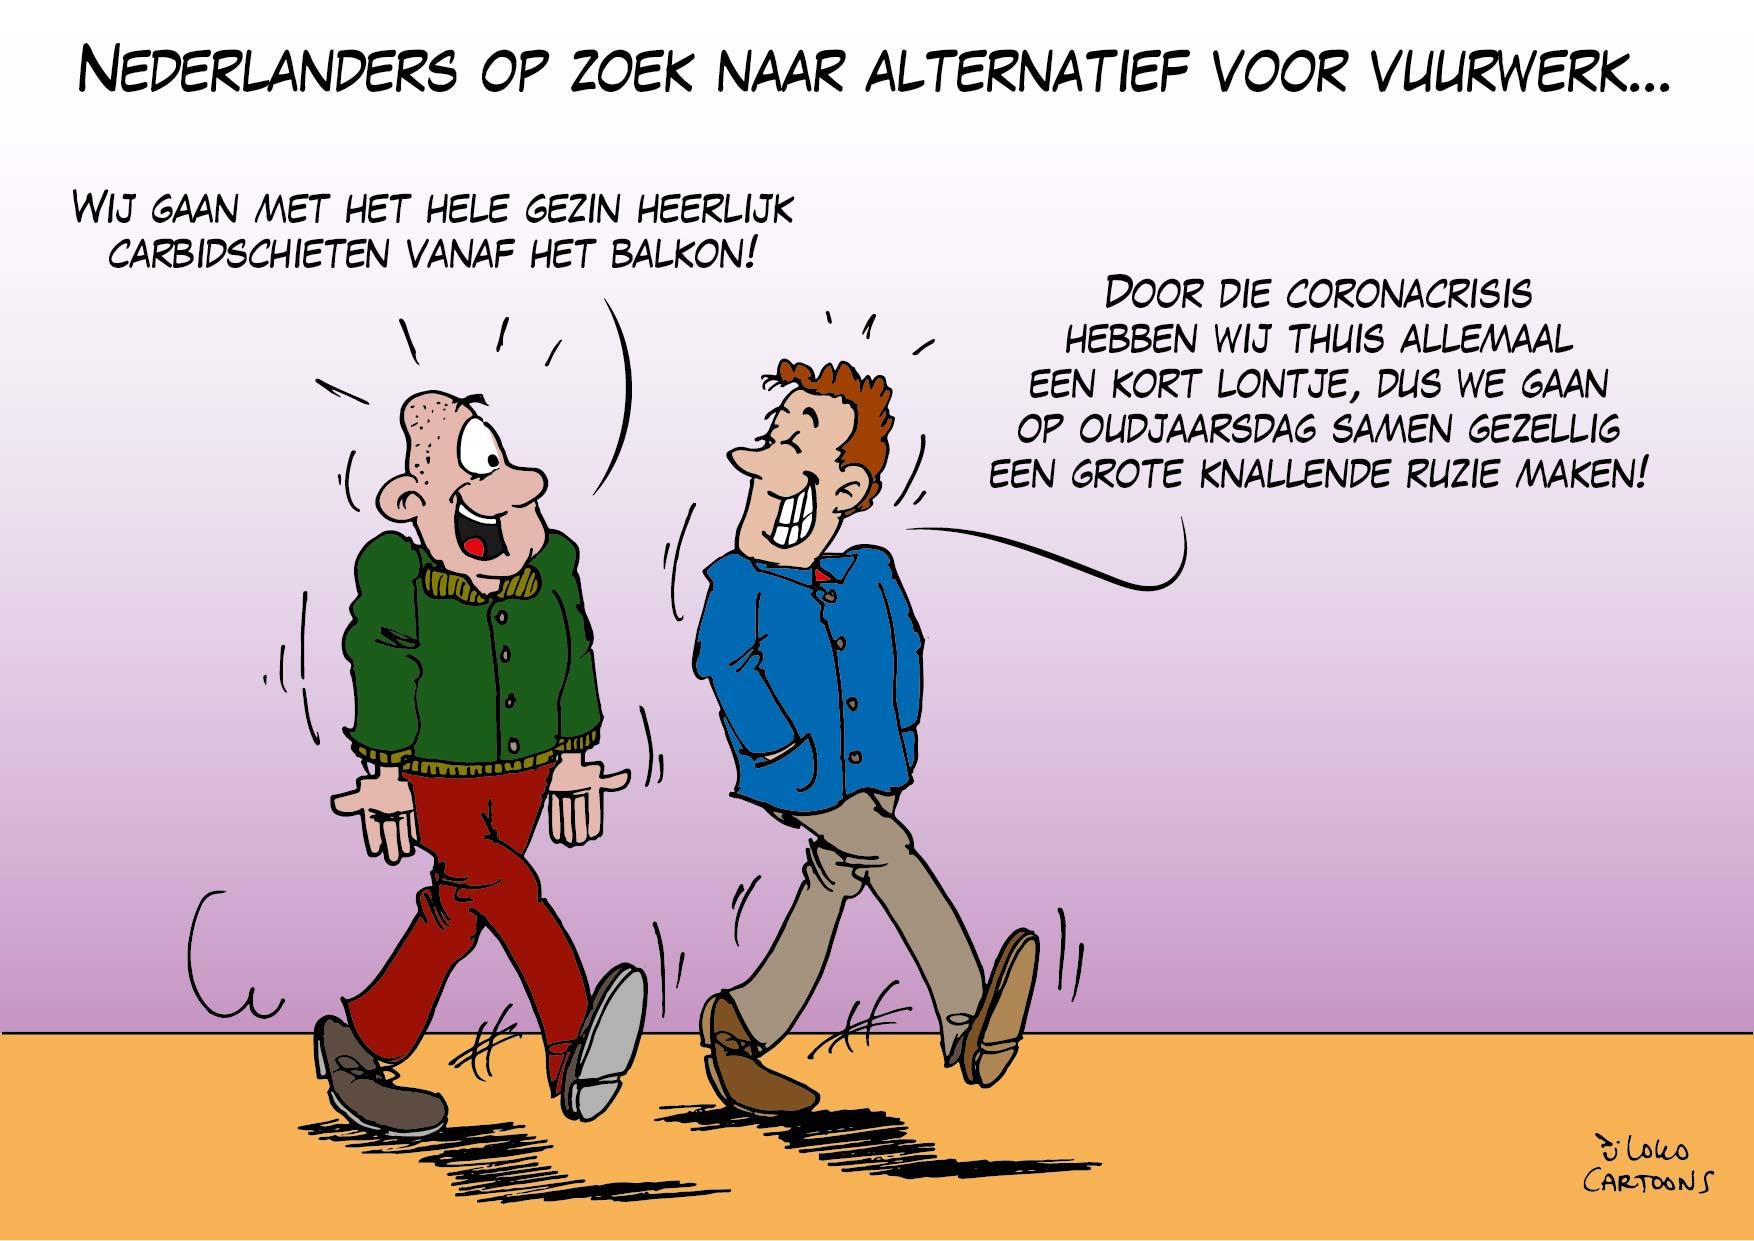 Nederlanders op zoek naar alternatief voor vuurwerk…